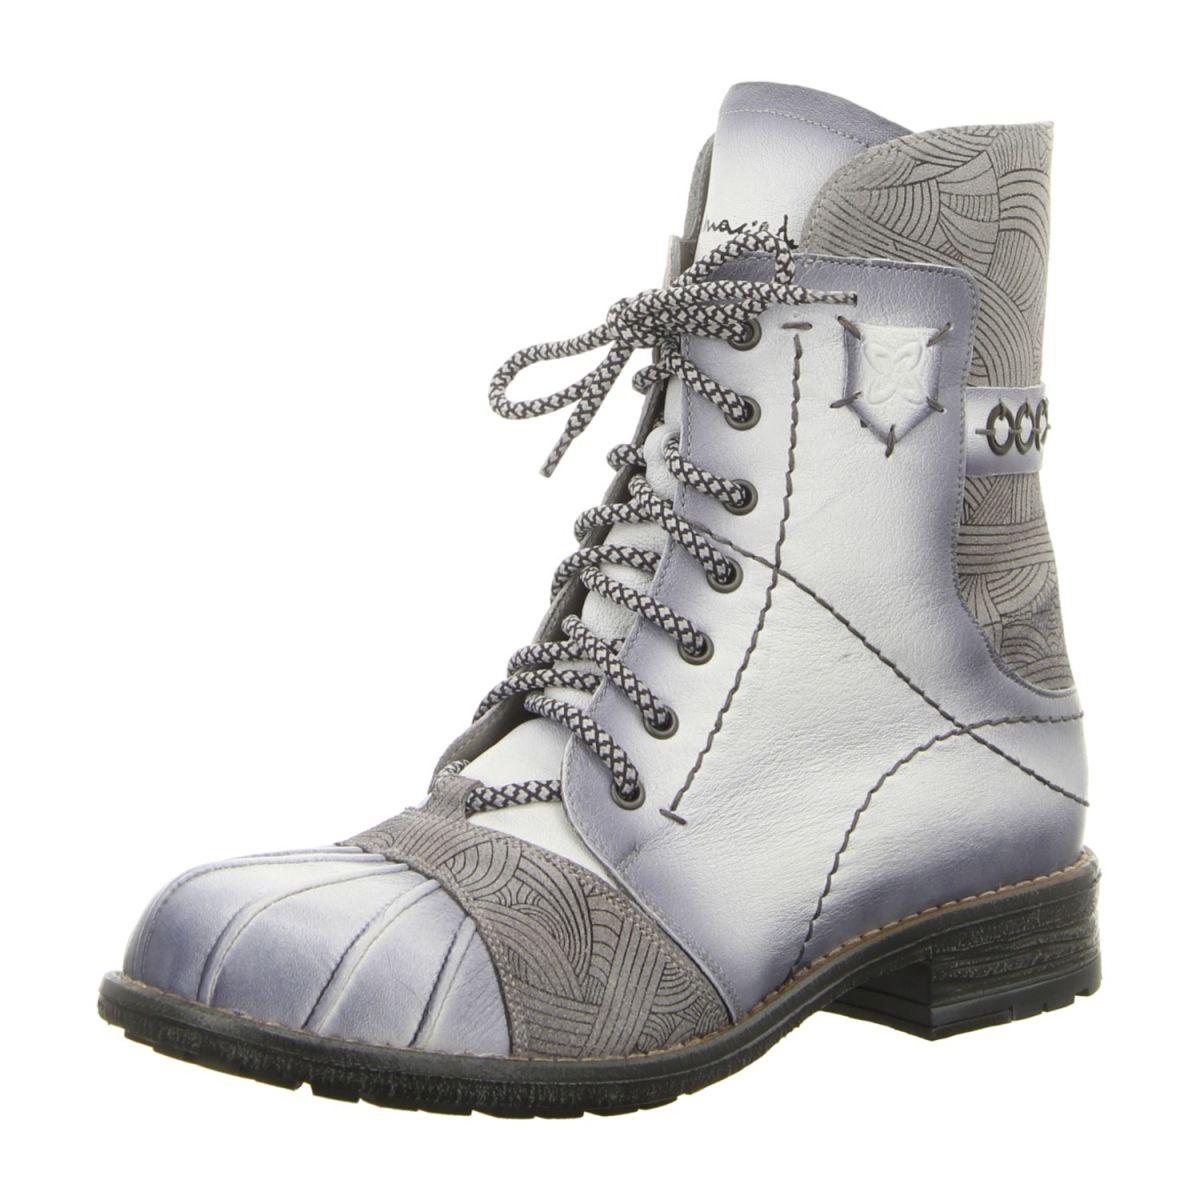 NEU: Maciejka Stiefeletten 03201 1100 4 bialy | Schuhe